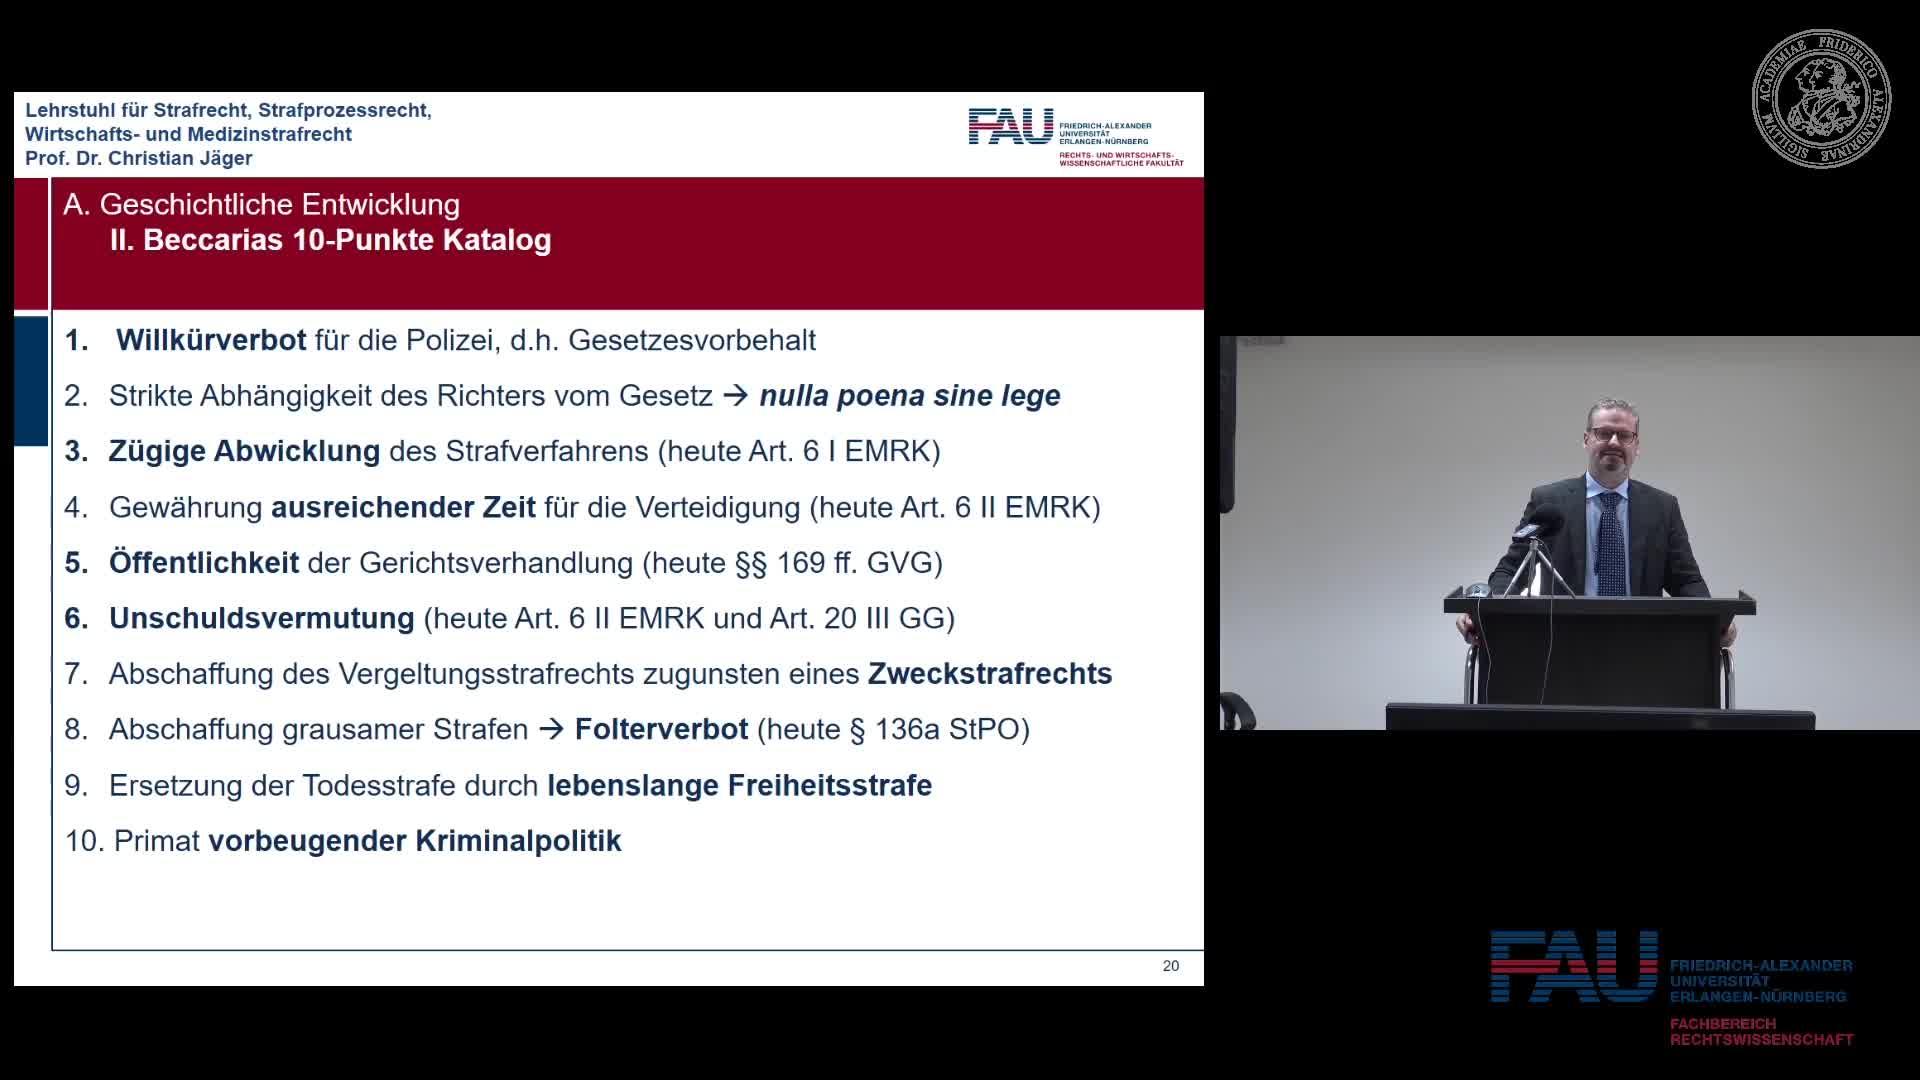 Grundkurs Strafrecht I - Einheit 2 preview image